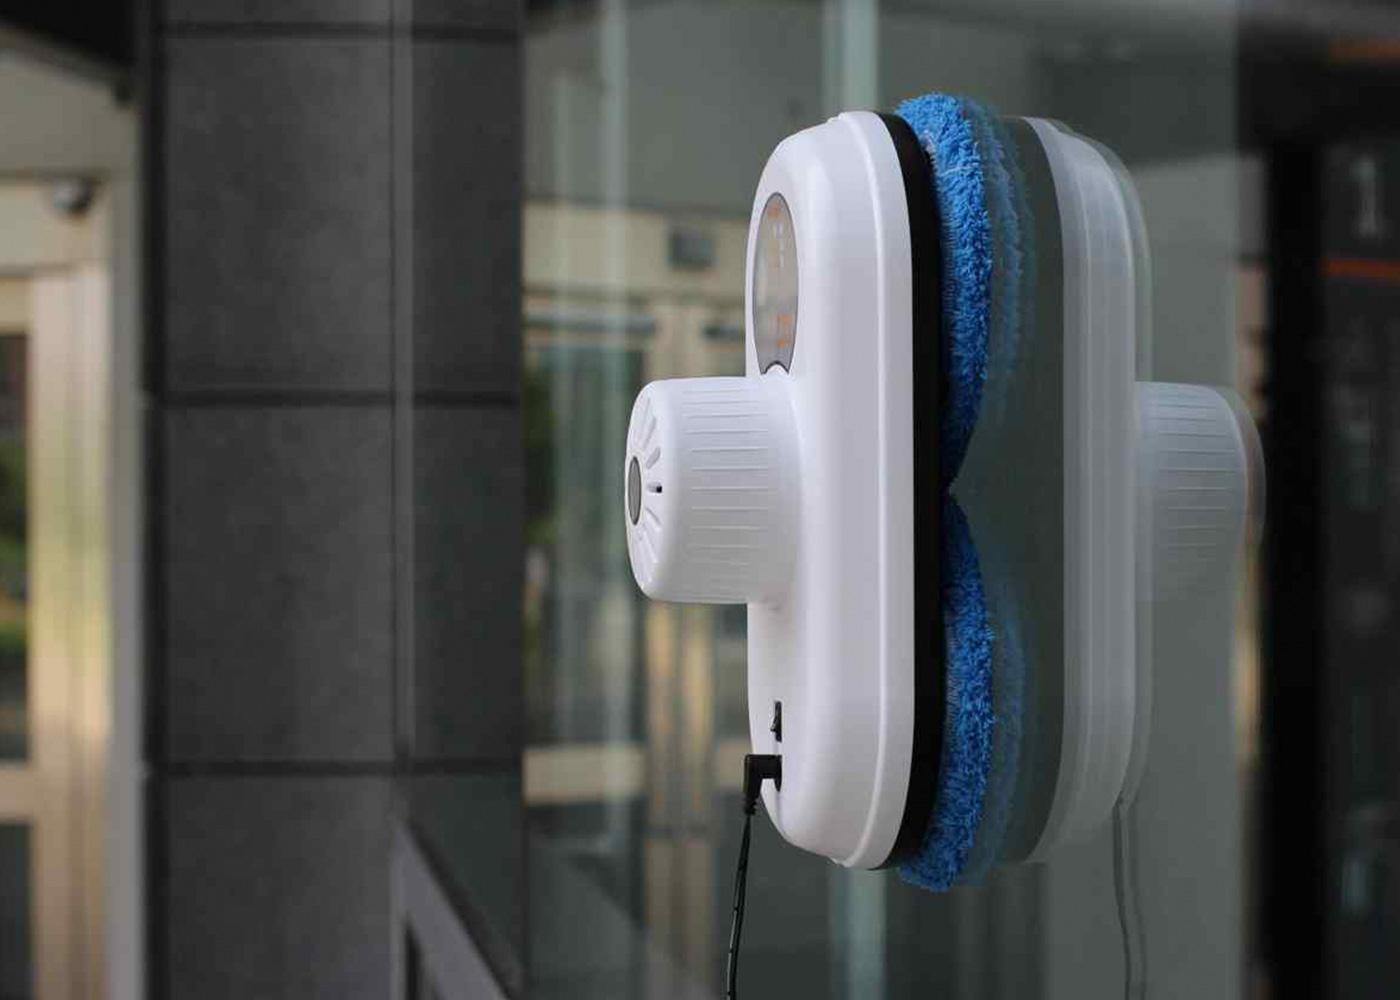 робот для мытья окон - современный способ качественного мытья окон